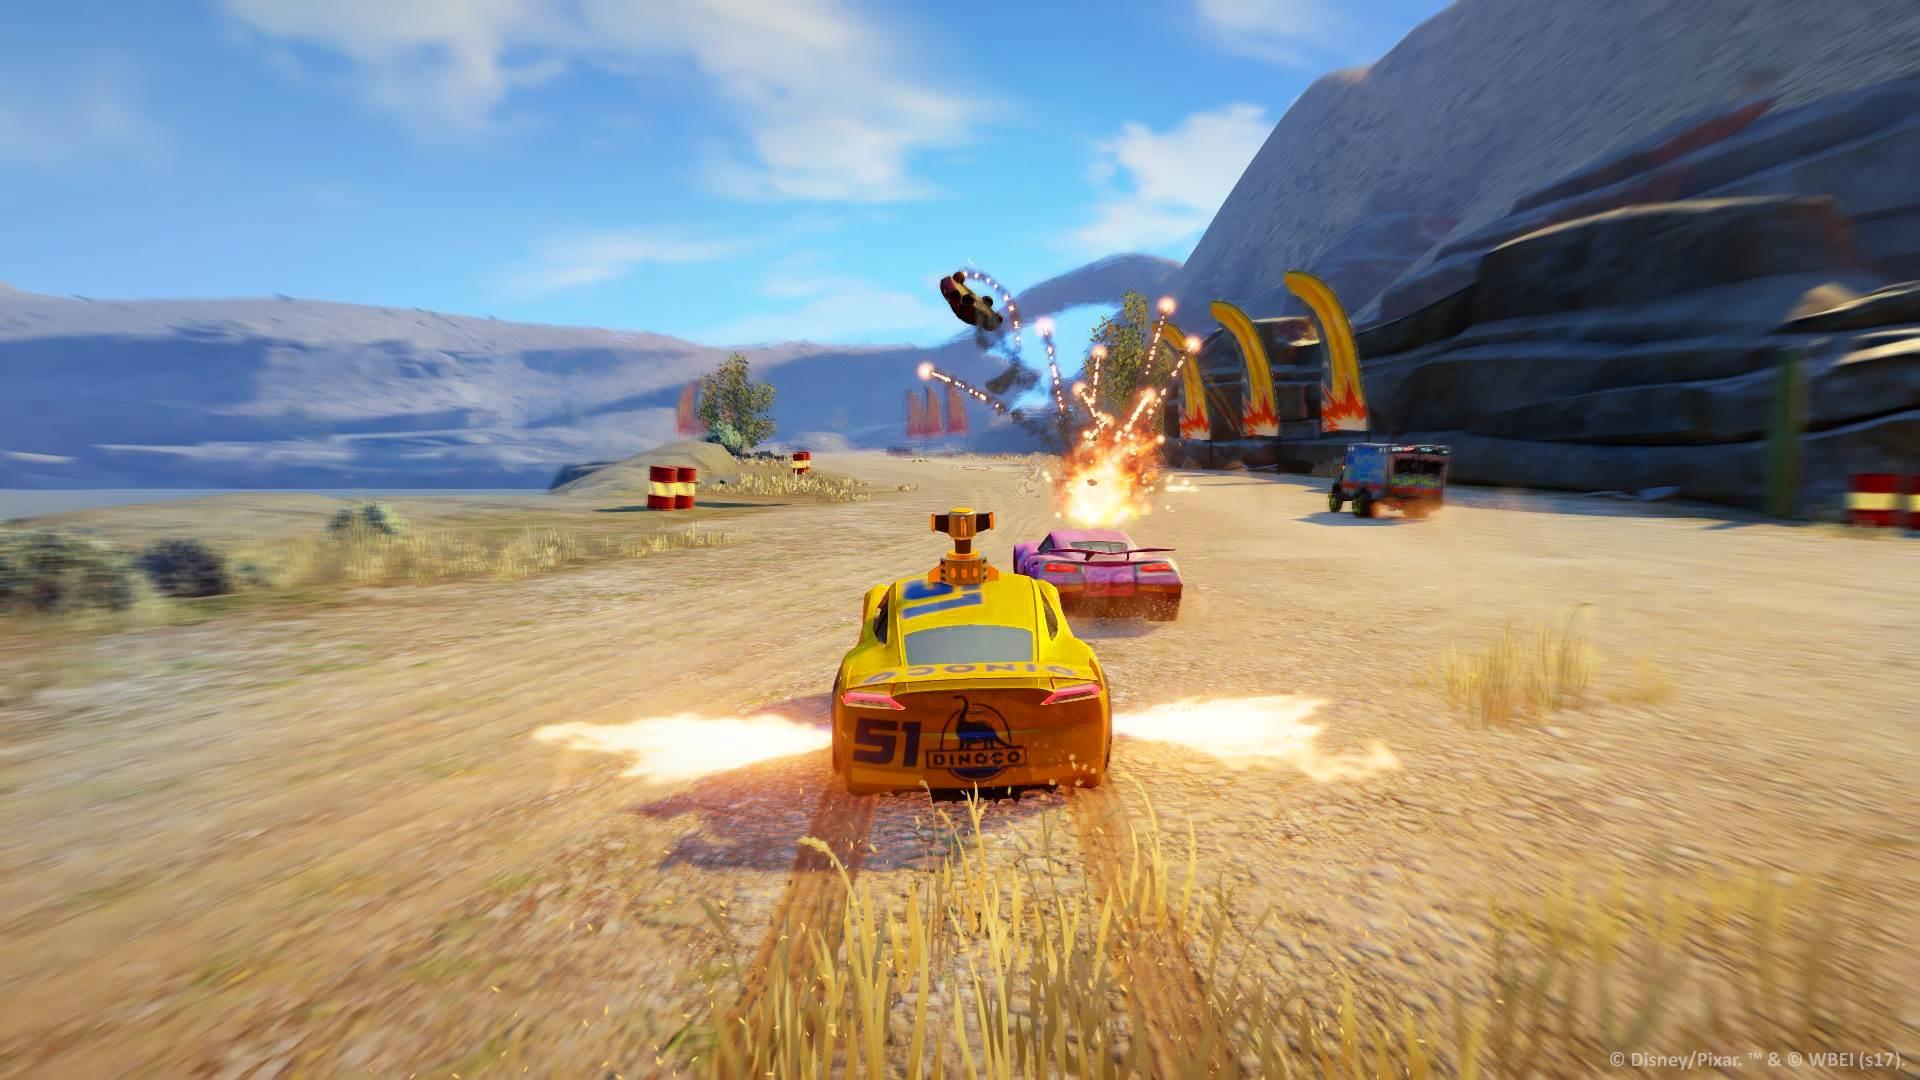 Cars 3 preview - Battle_Race25_C_Ben